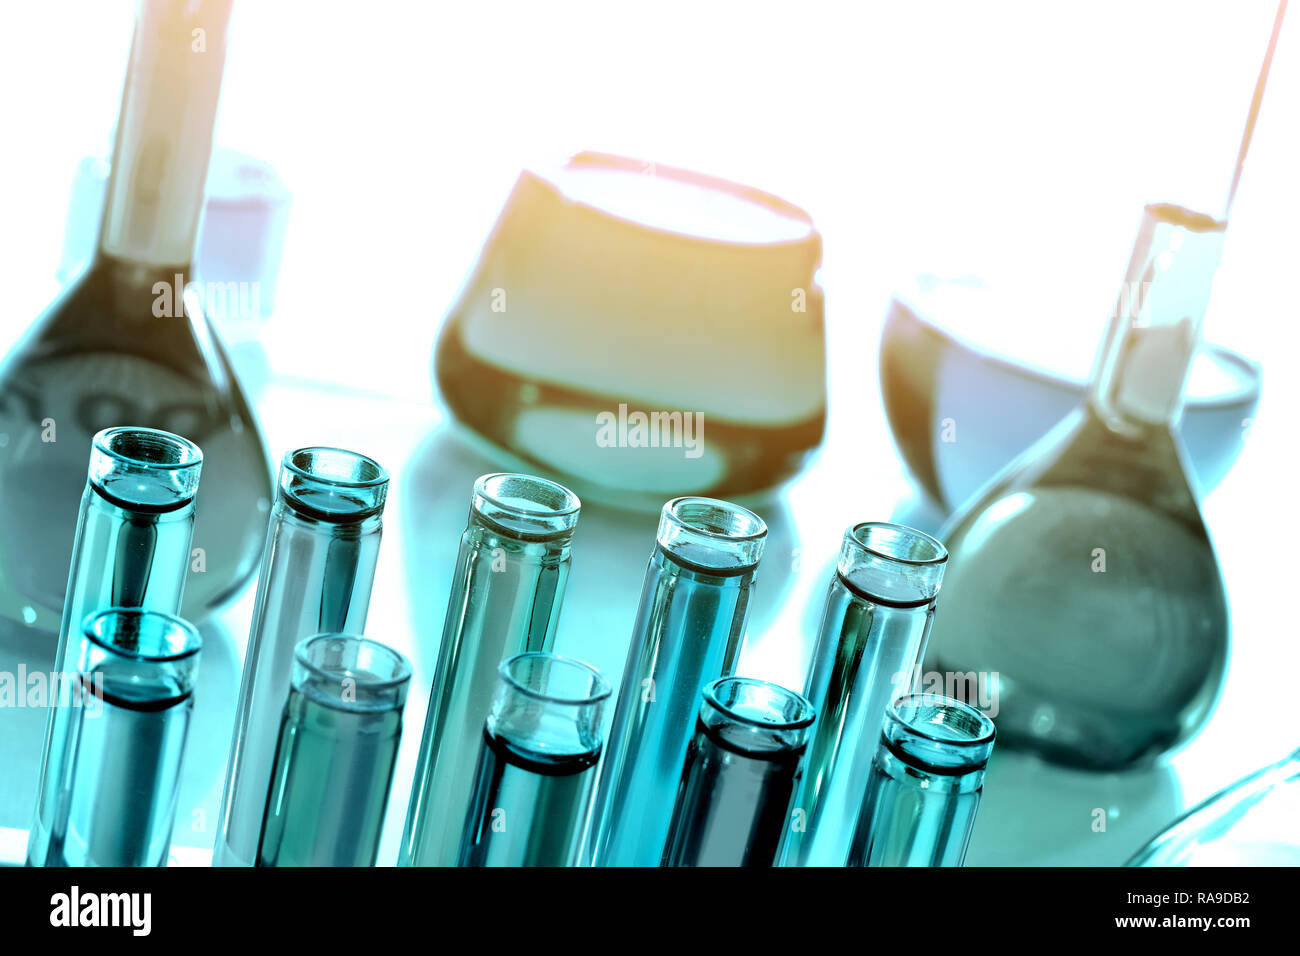 Cristalería Laboratoy con productos químicos y reactivos, química ciencia Imagen De Stock